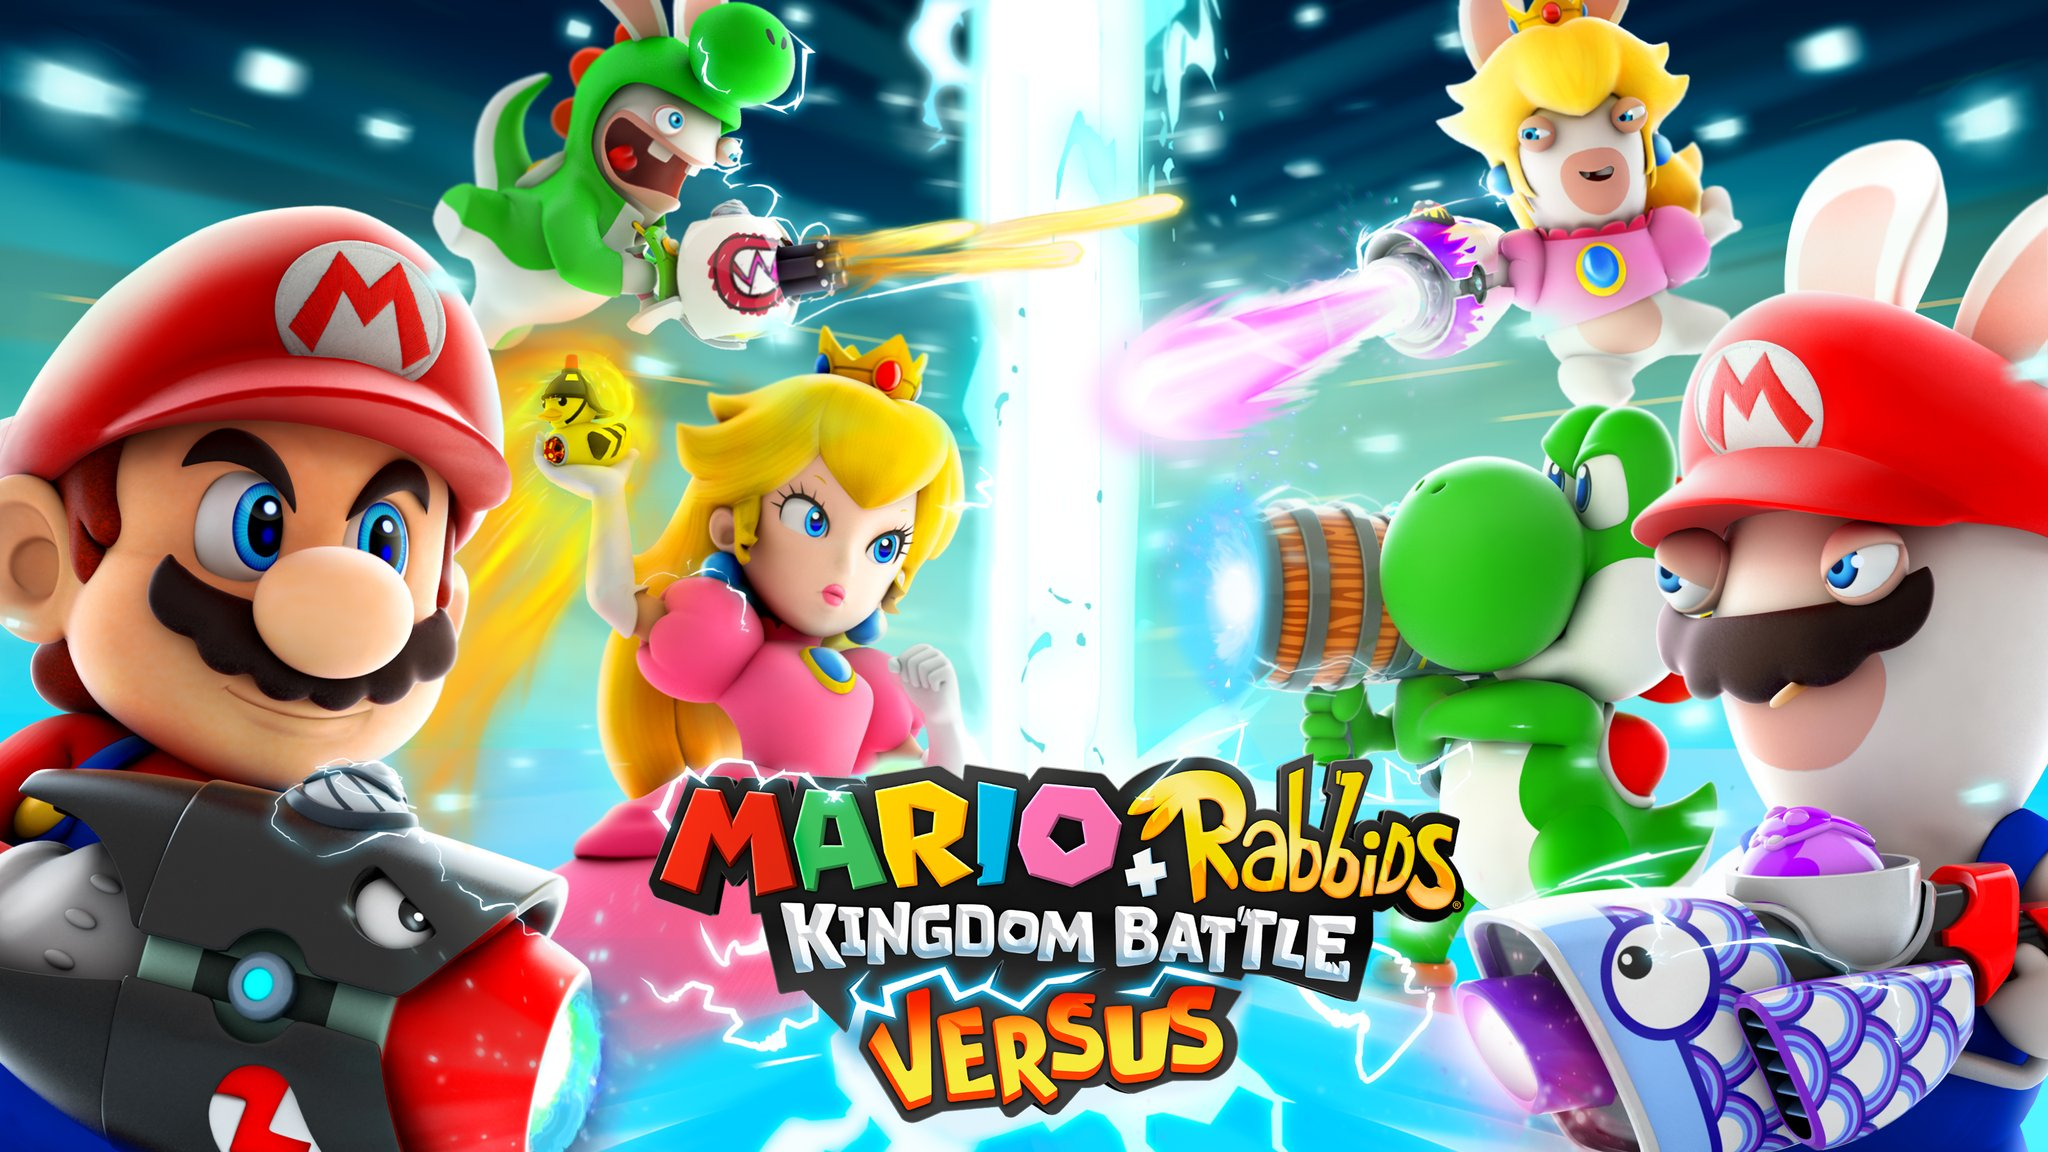 Modo Versus em Mario + Rabbids Kingdom Battle será adiconado amanhã; Veja o trailer